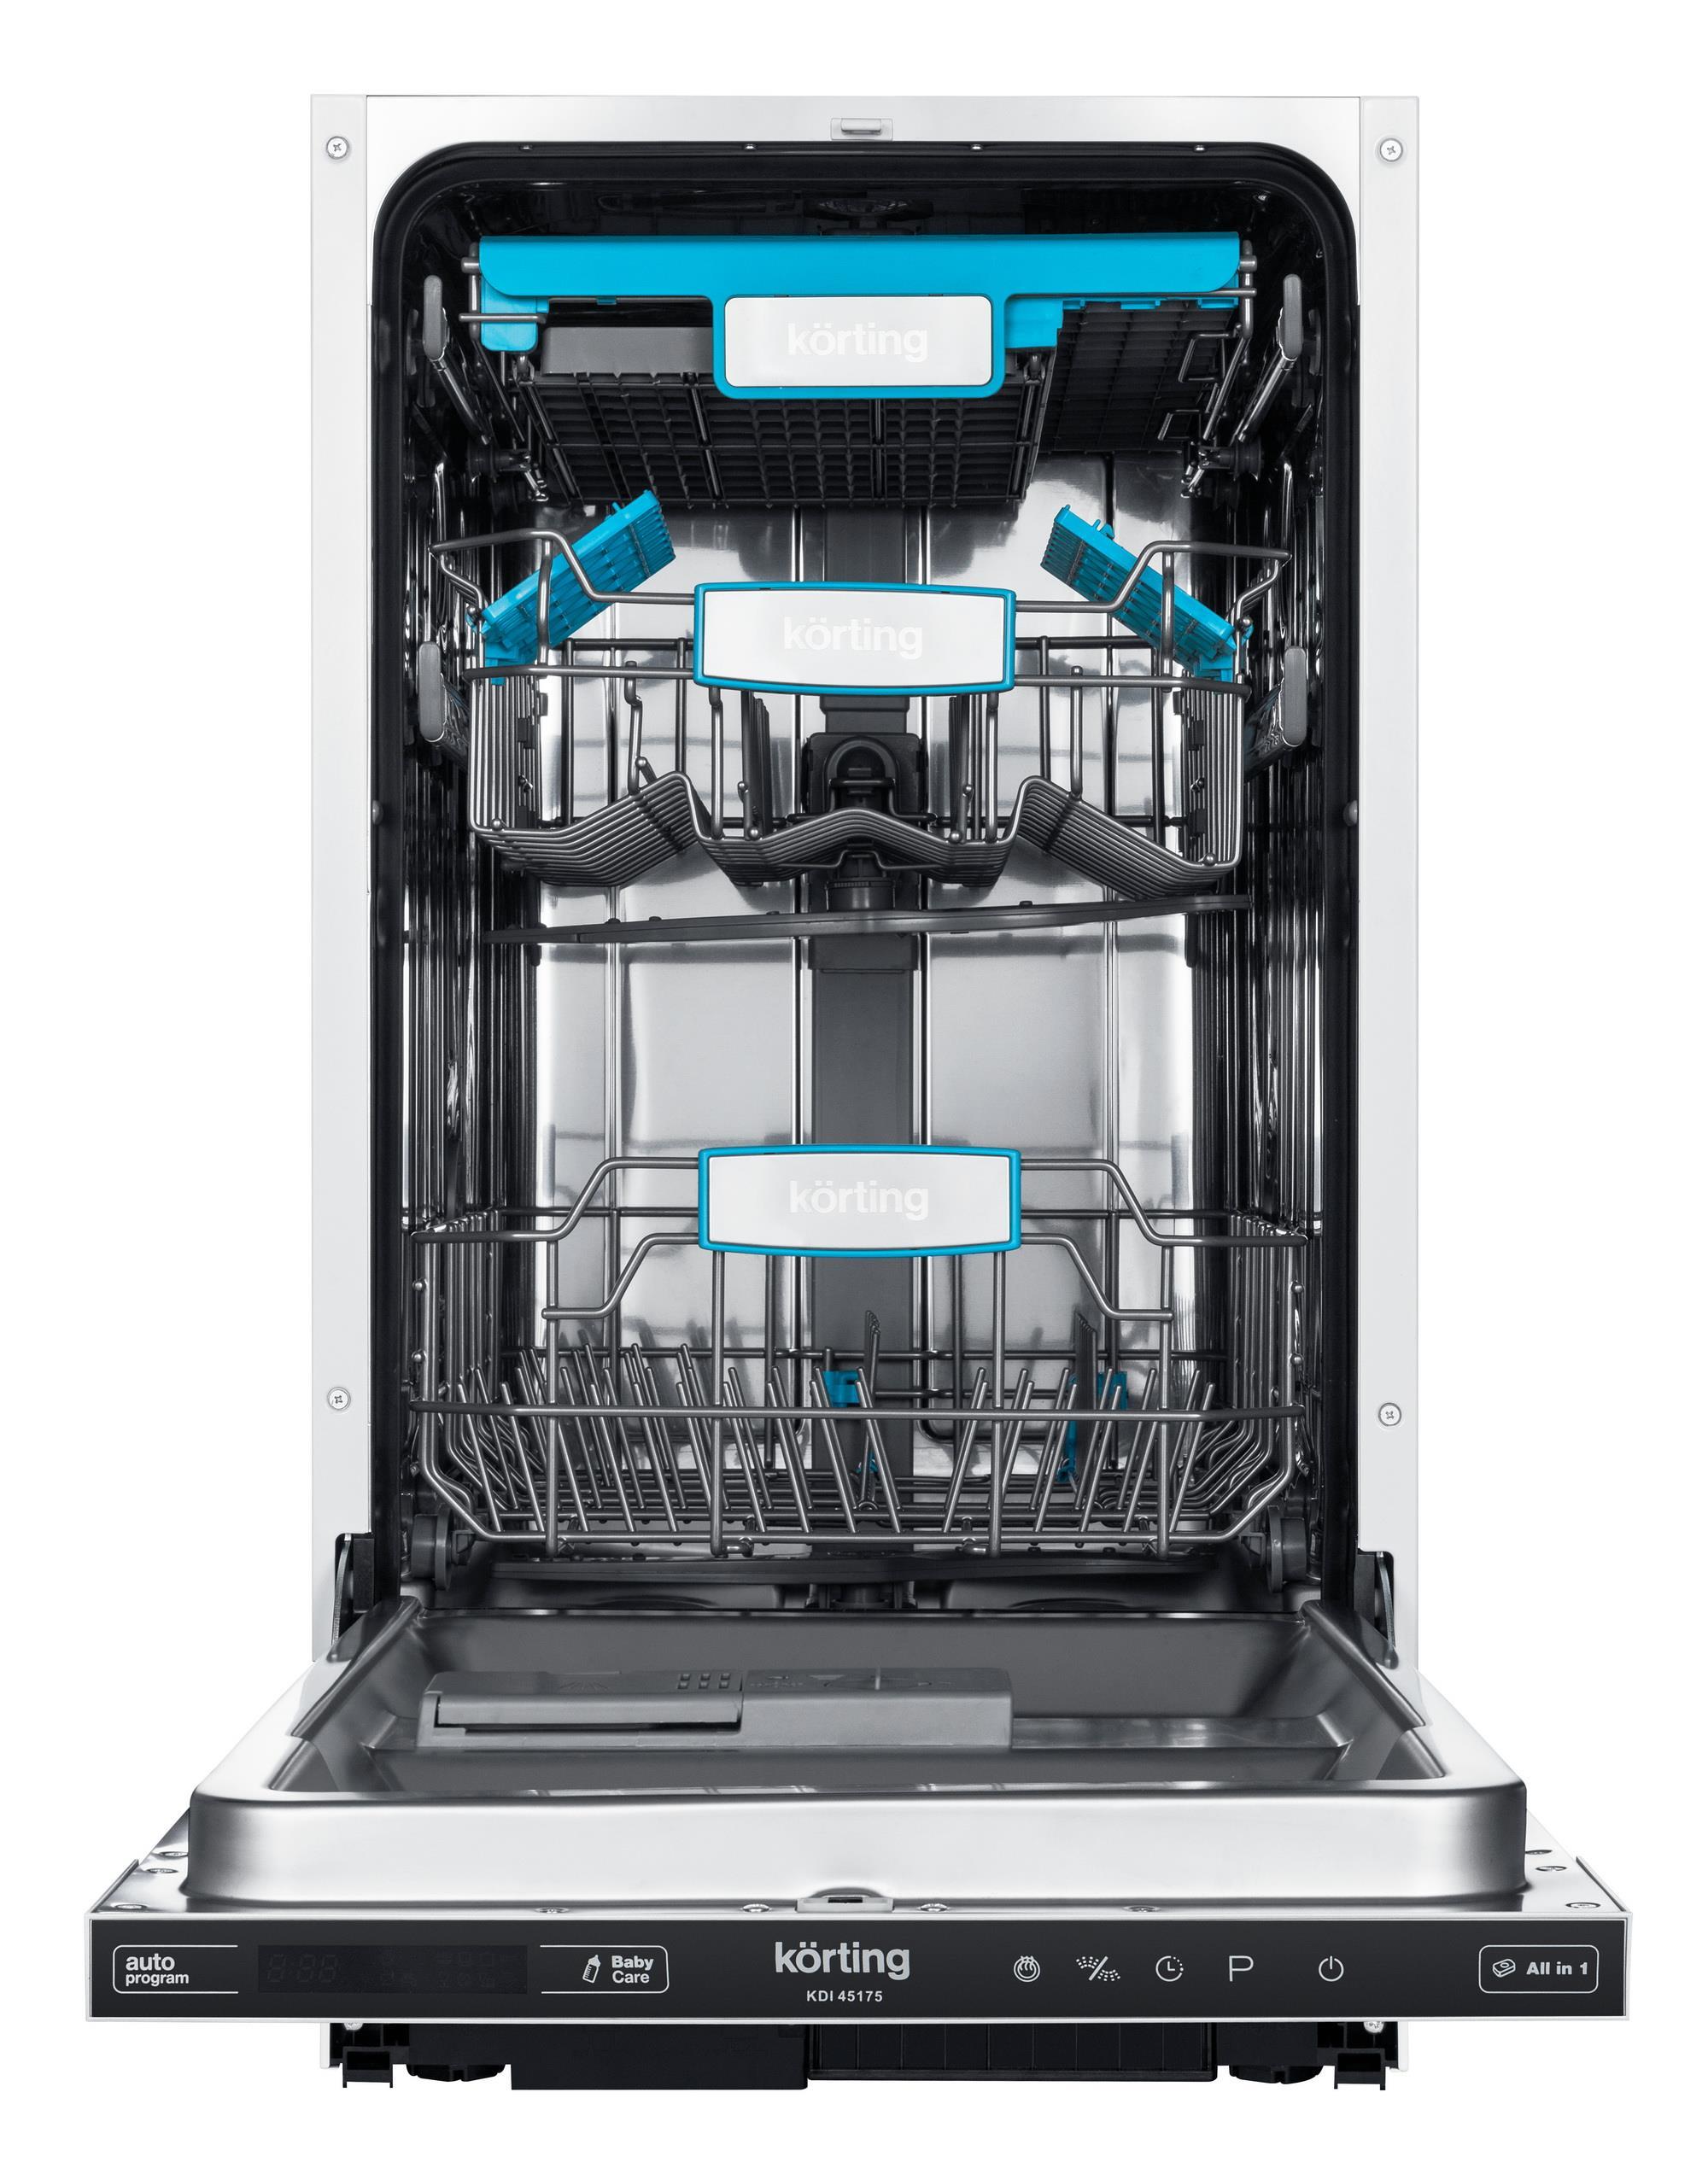 Посудомоечная машина Korting Kdi 45175 изнутри